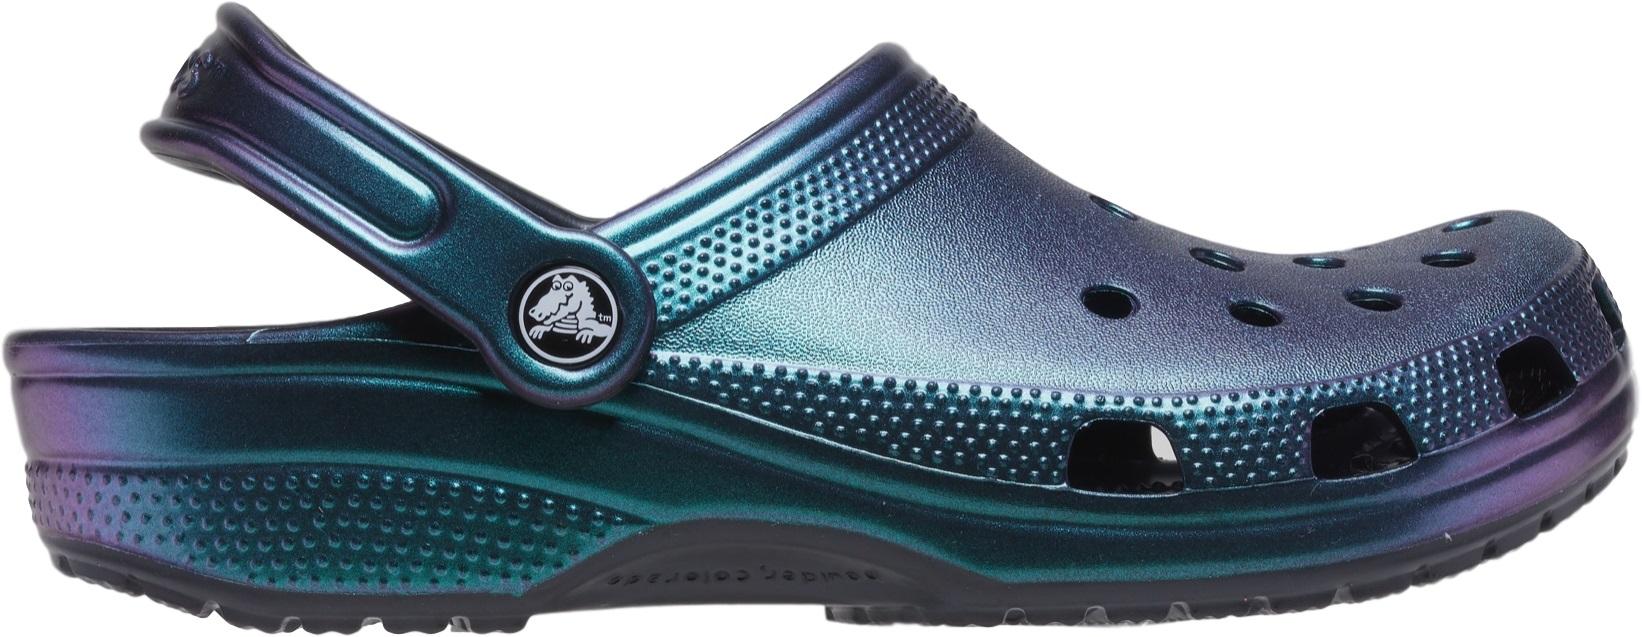 Crocs™ Classic Prismatic Clog Black 42,5